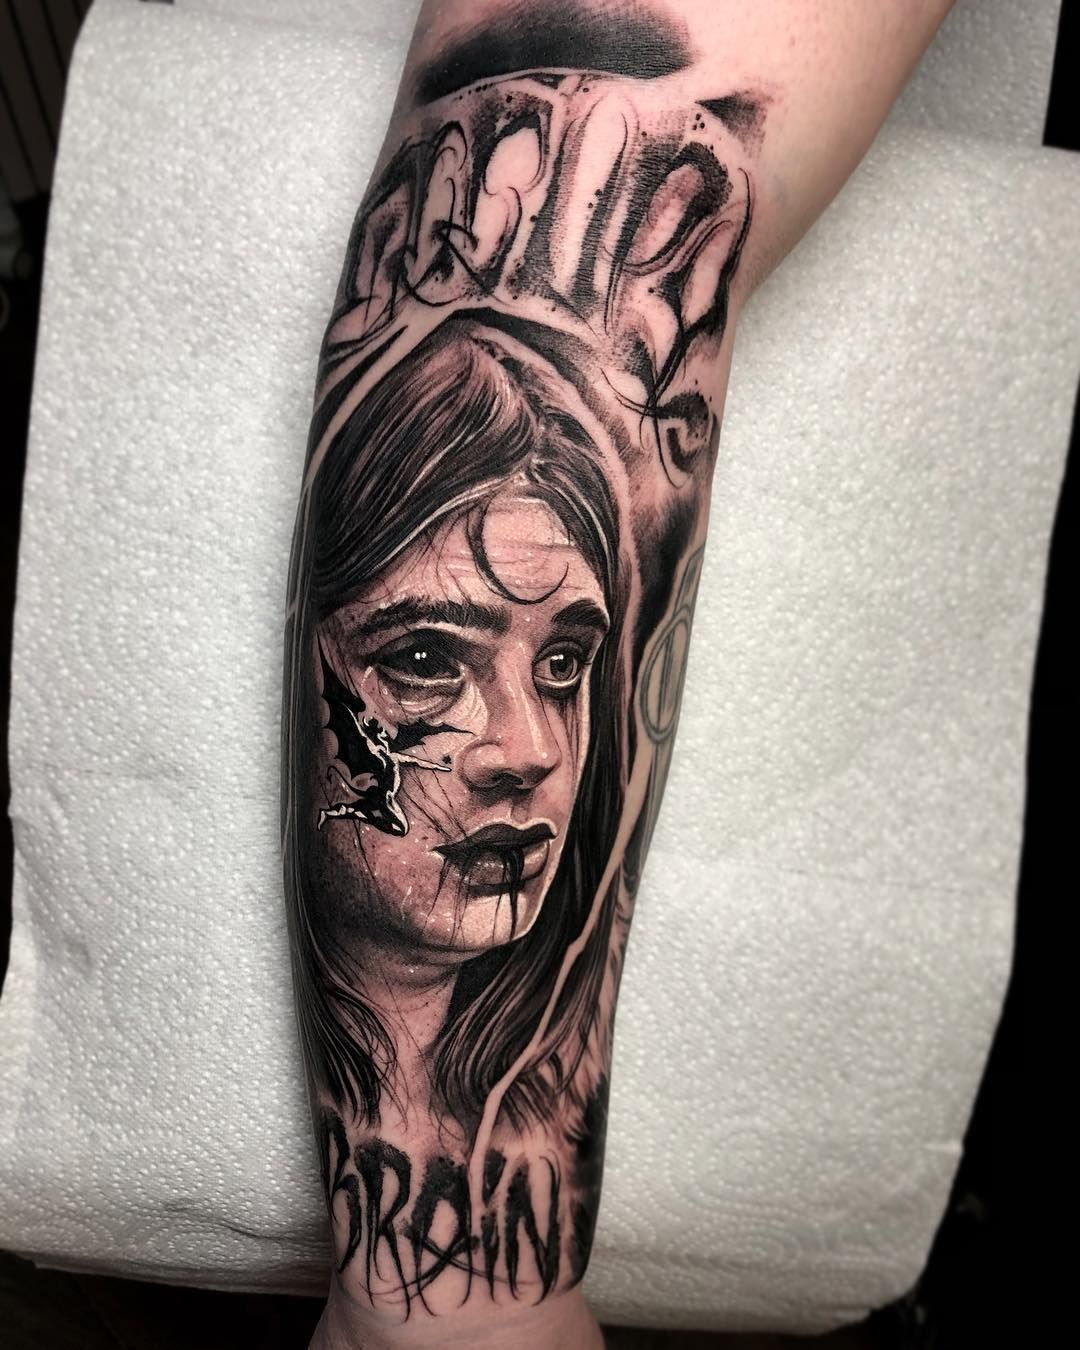 Ozzy Osbourne Portrait Tattoo Anrijs Straume On Instagram 70 S Ozzyosbourne Blacksabbath Thankyou Eth Ozzy Tattoo Create A Tattoo Day Of Dead Tattoo